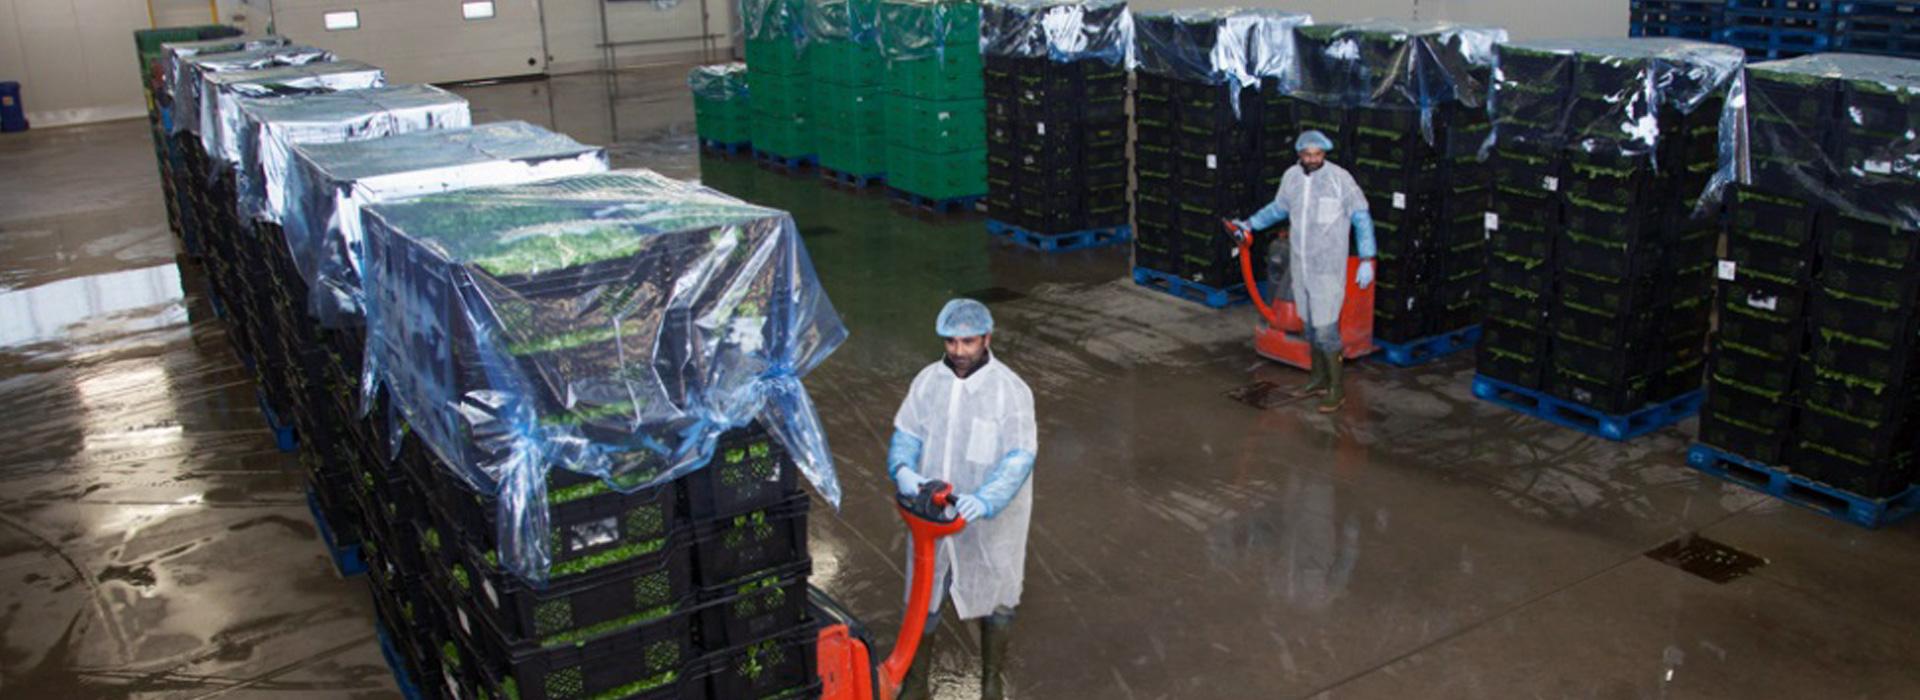 Salad distribution warehouse